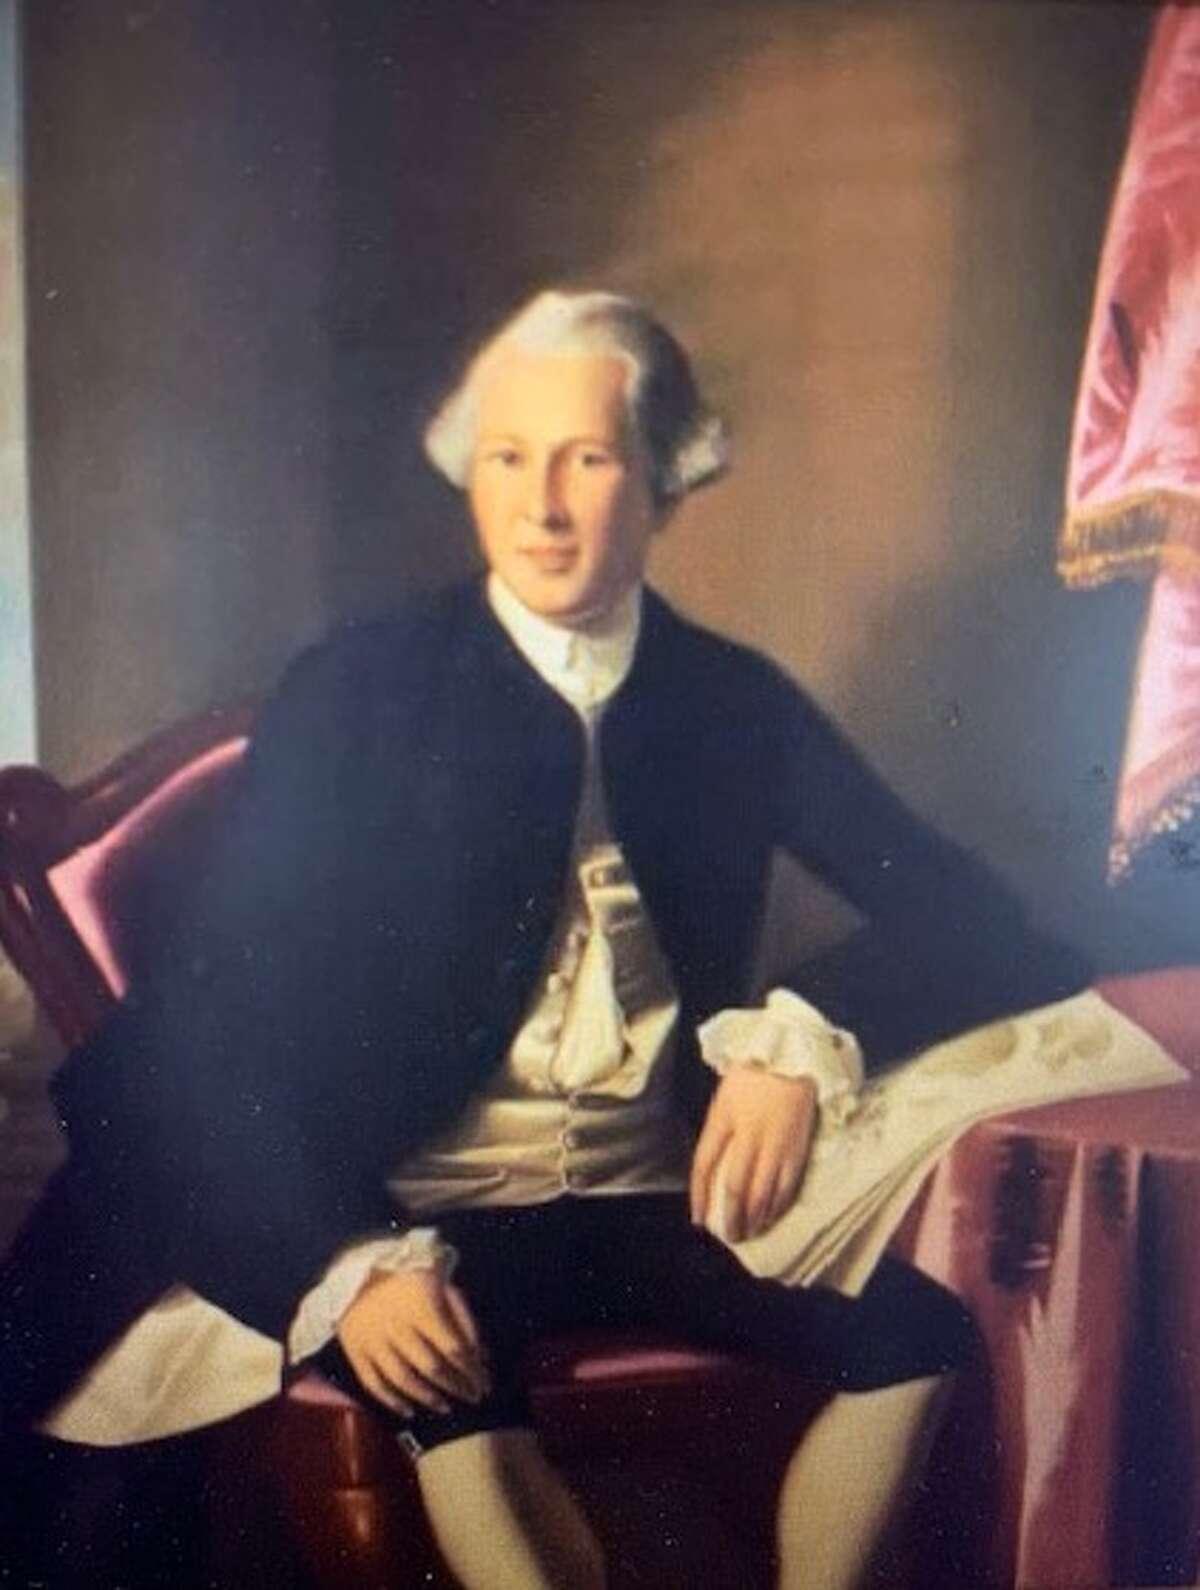 Joseph Warren will be memorialized in a new museum in Queensbury.